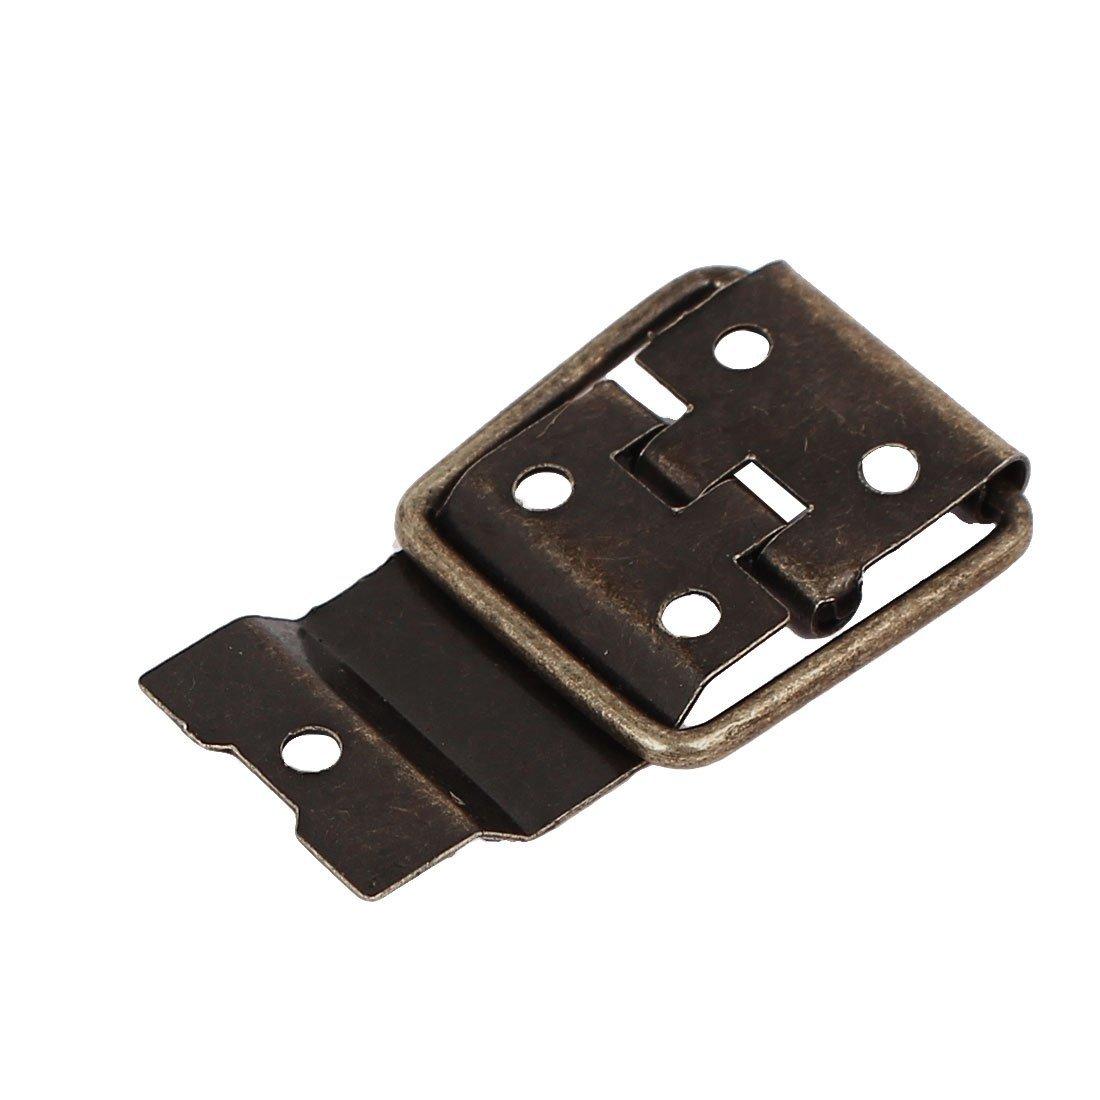 eDealMax della cassa della scatola Retro Style Posizionamento Supporto Cerniere tono bronzo 37.5mmx16.5mm 30pcs by eDealMax